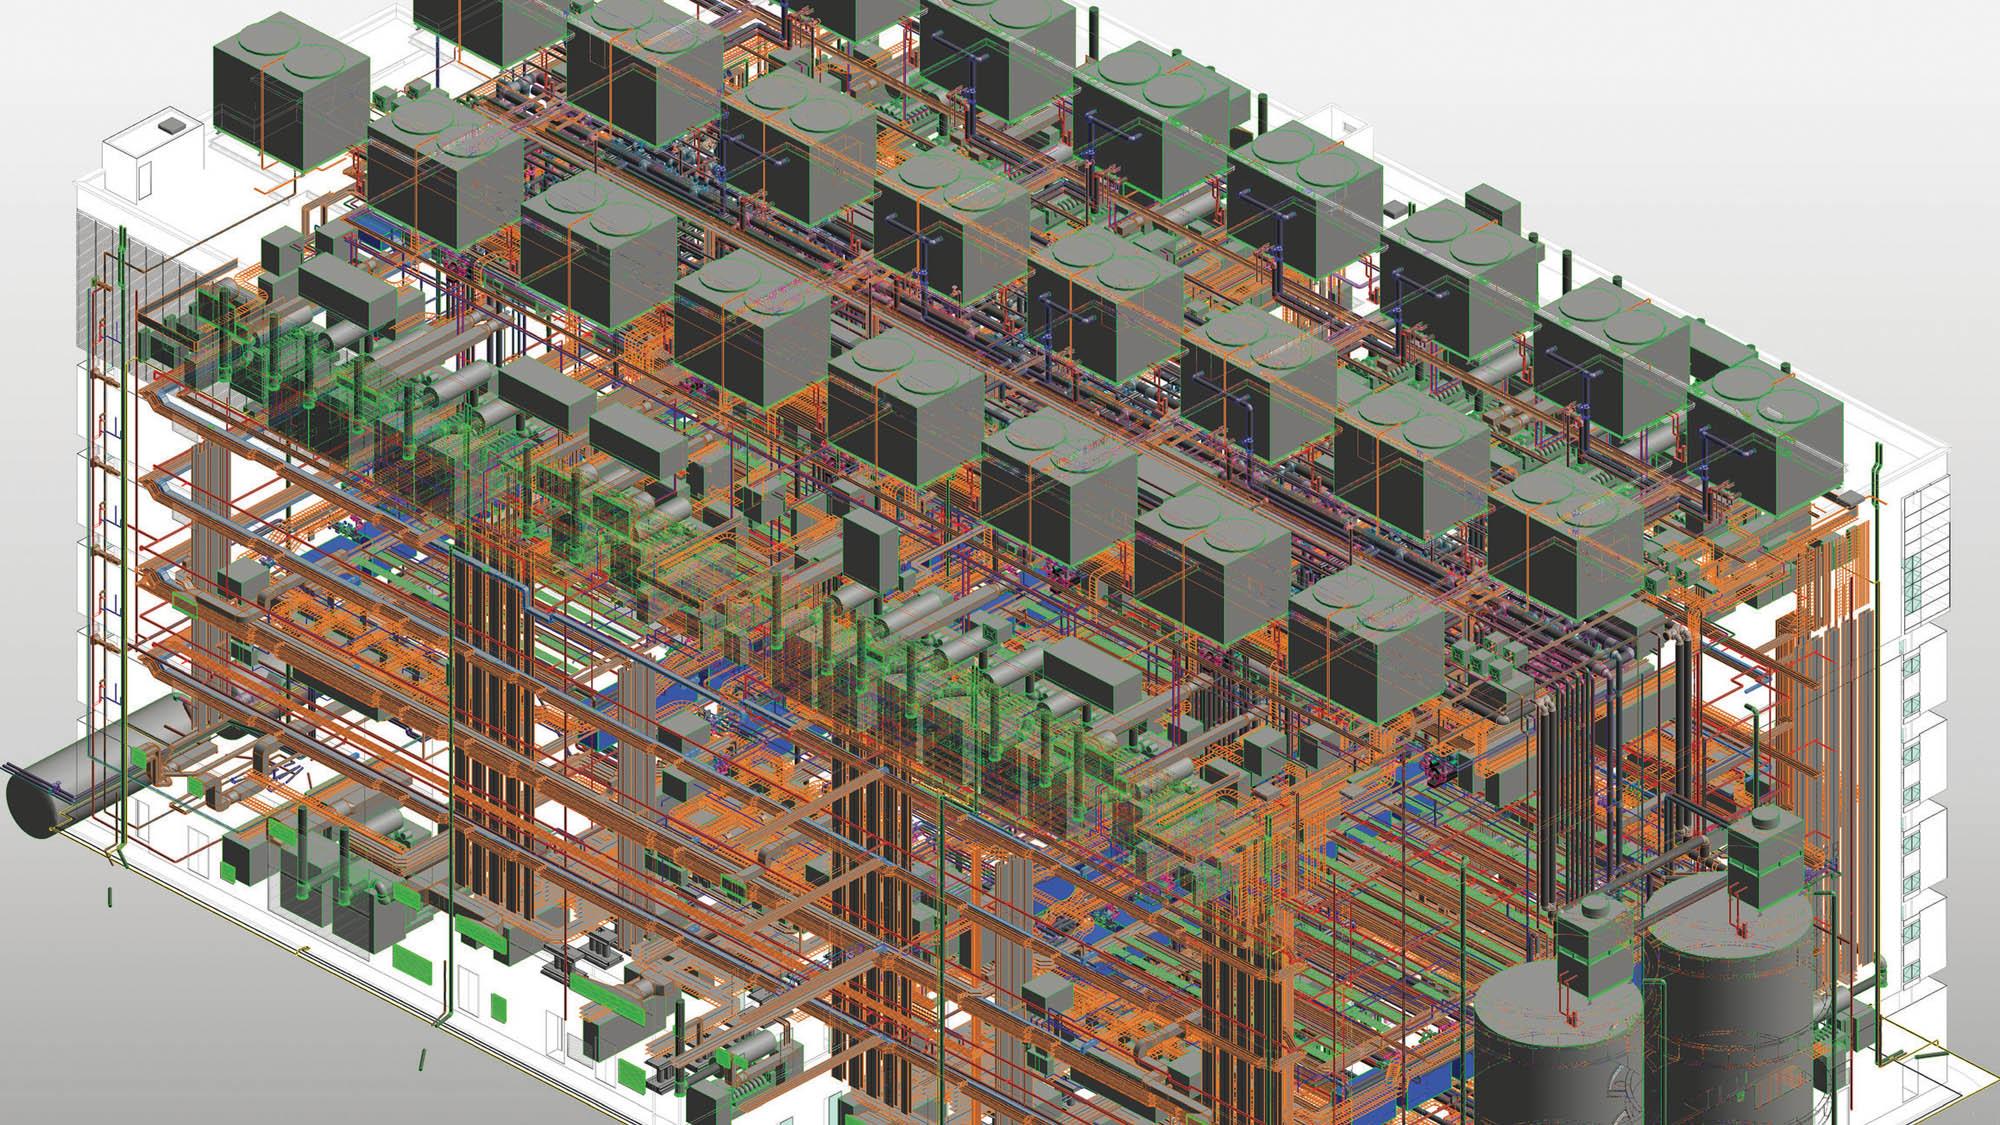 NTT Communications Hong Kong Financial Data Center Tower 2 (FDC2) - Arup